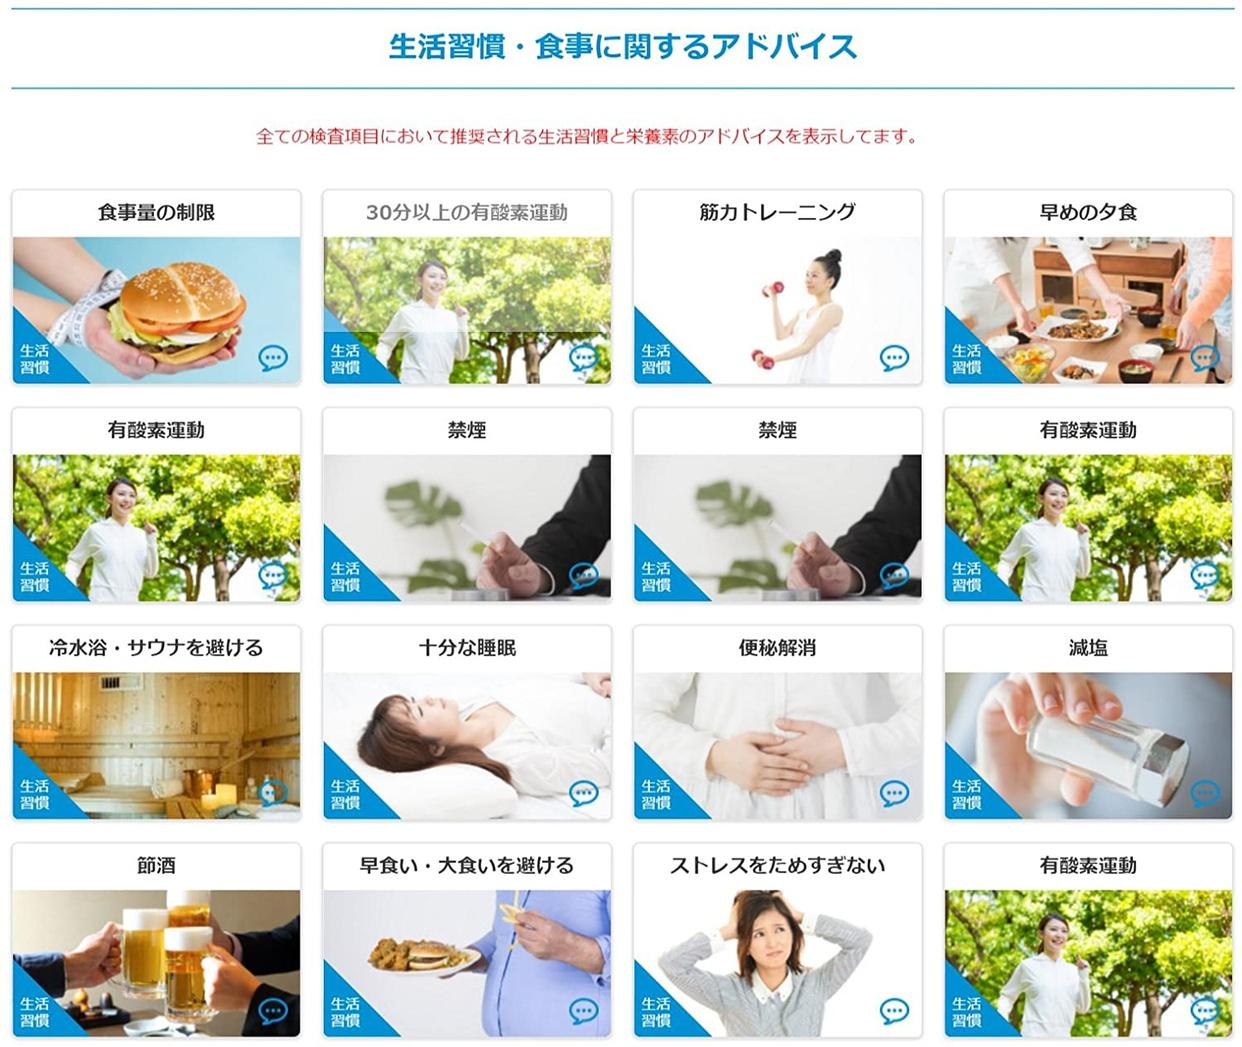 Genequest(ジーンクエスト) ジーンクエスト LITE XKb1285875の商品画像6